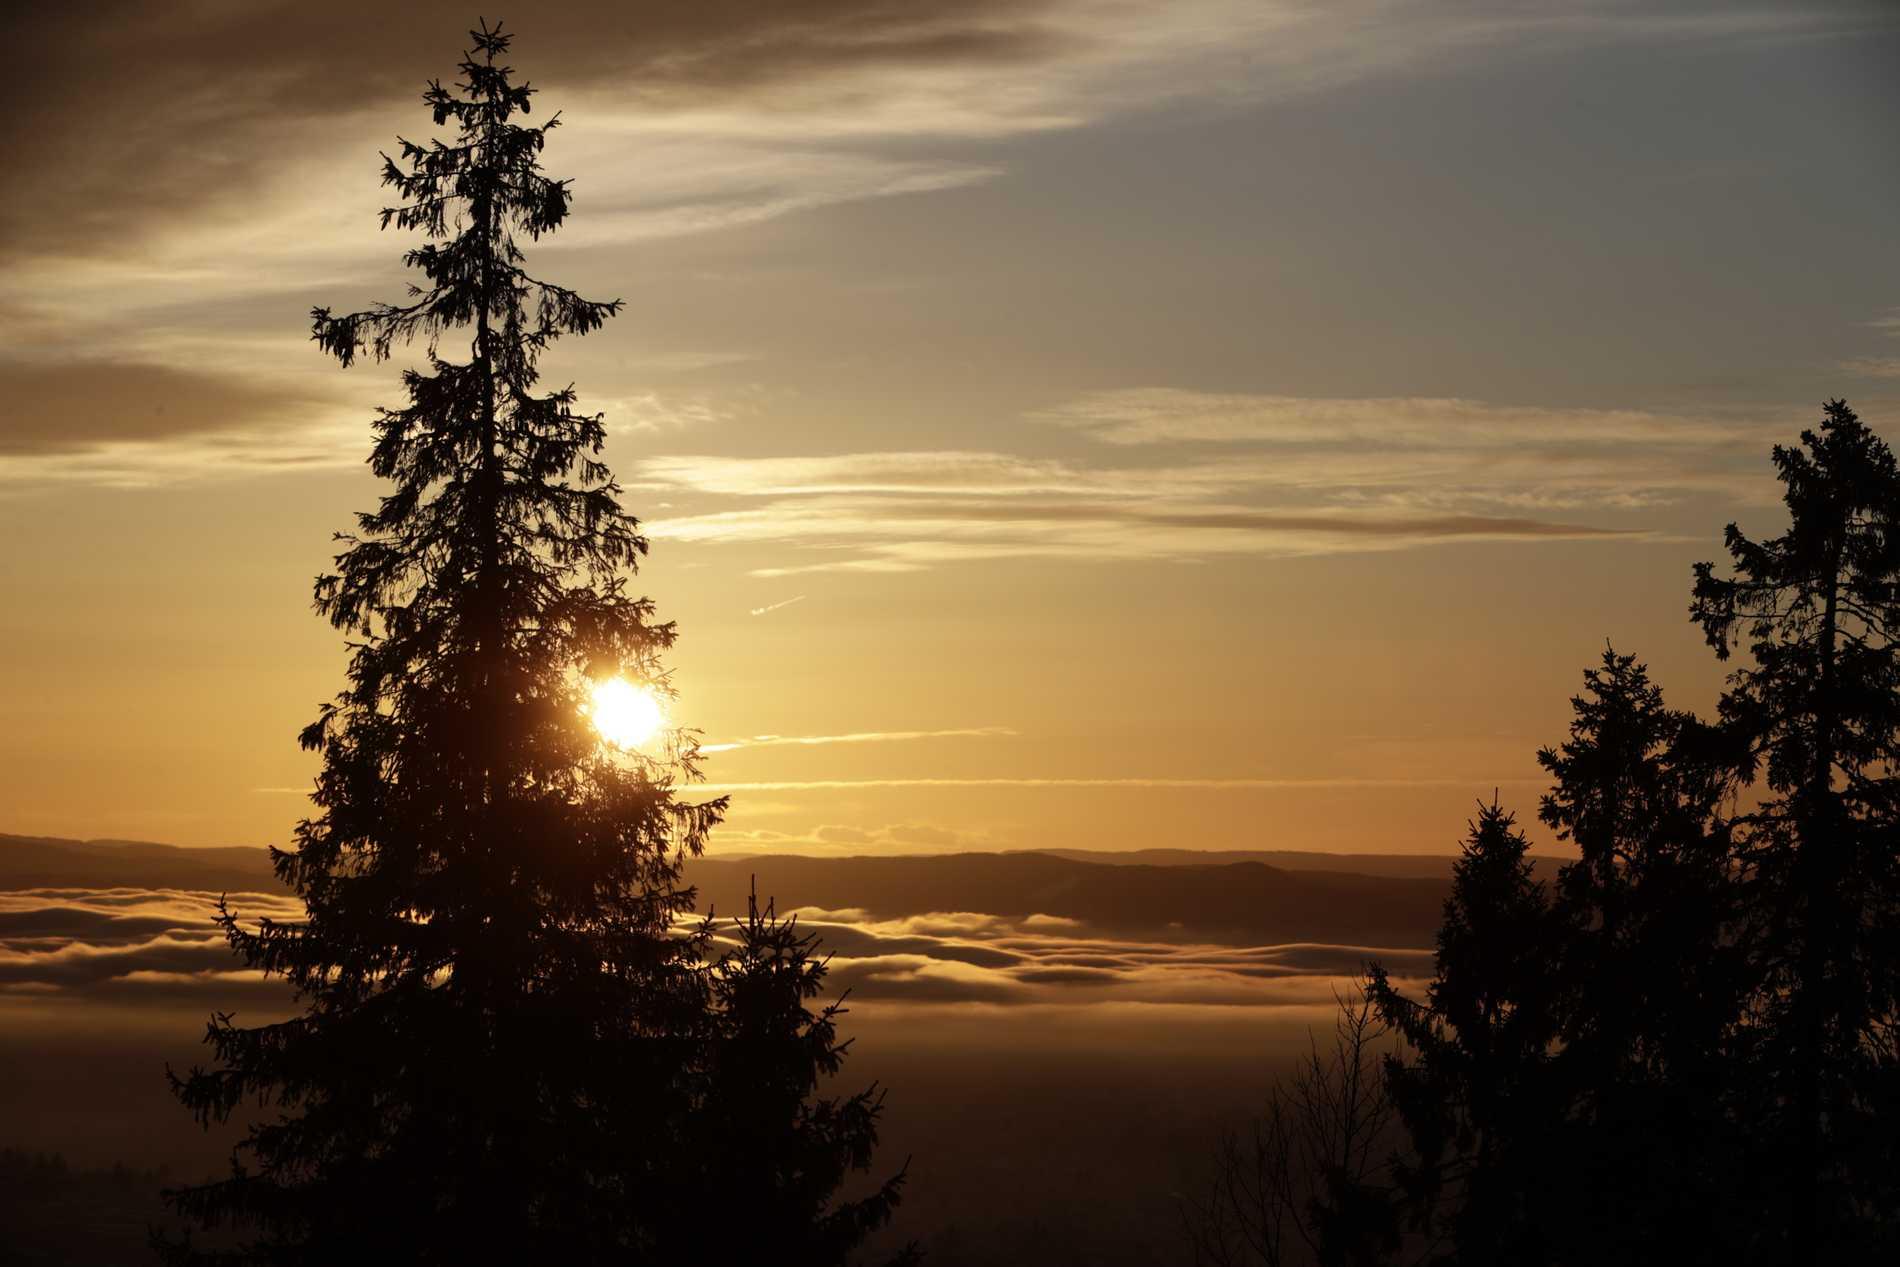 Vintersolstånd är årets kortaste dag – sedan går vi mot ljusare tider.